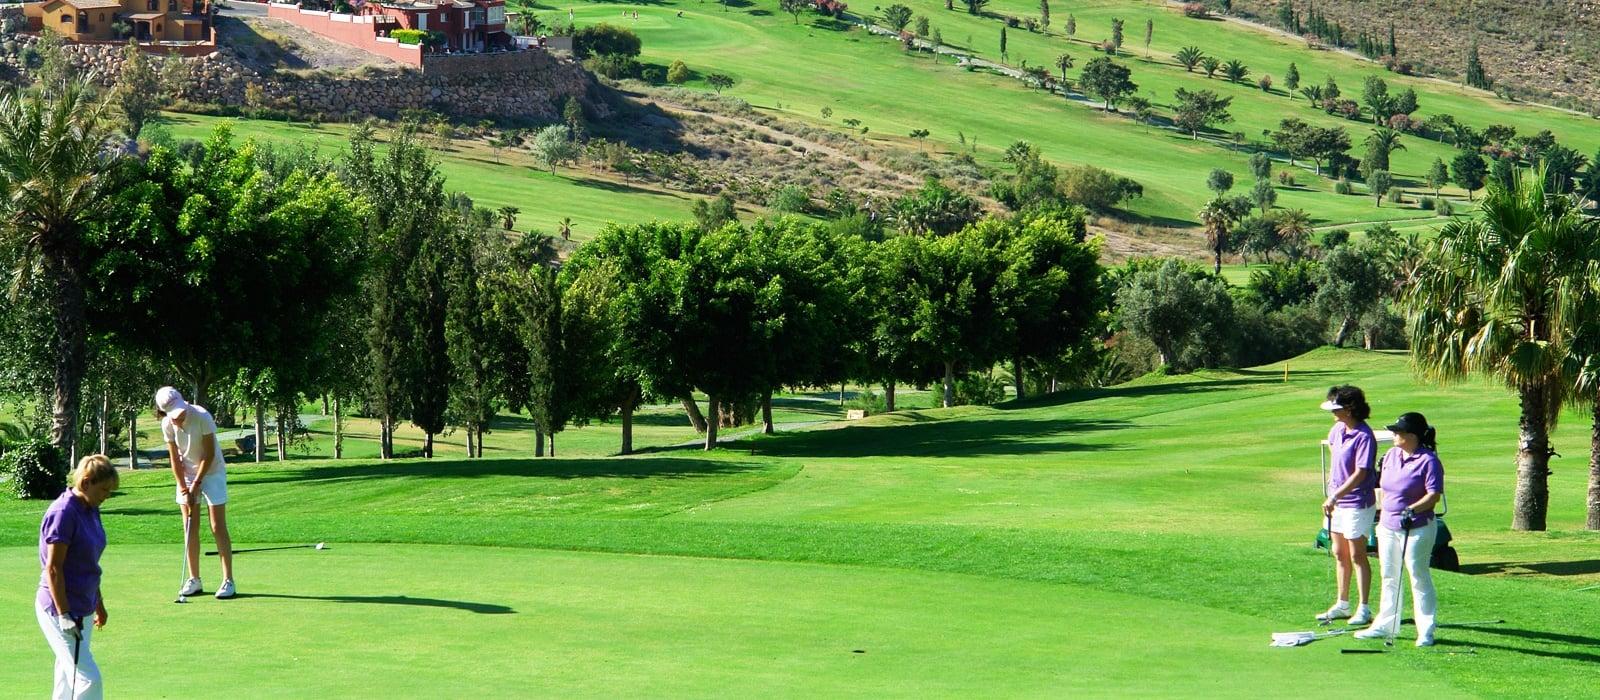 Scuola di Golf - Vincci Selección Envía Almería Wellness & Golf